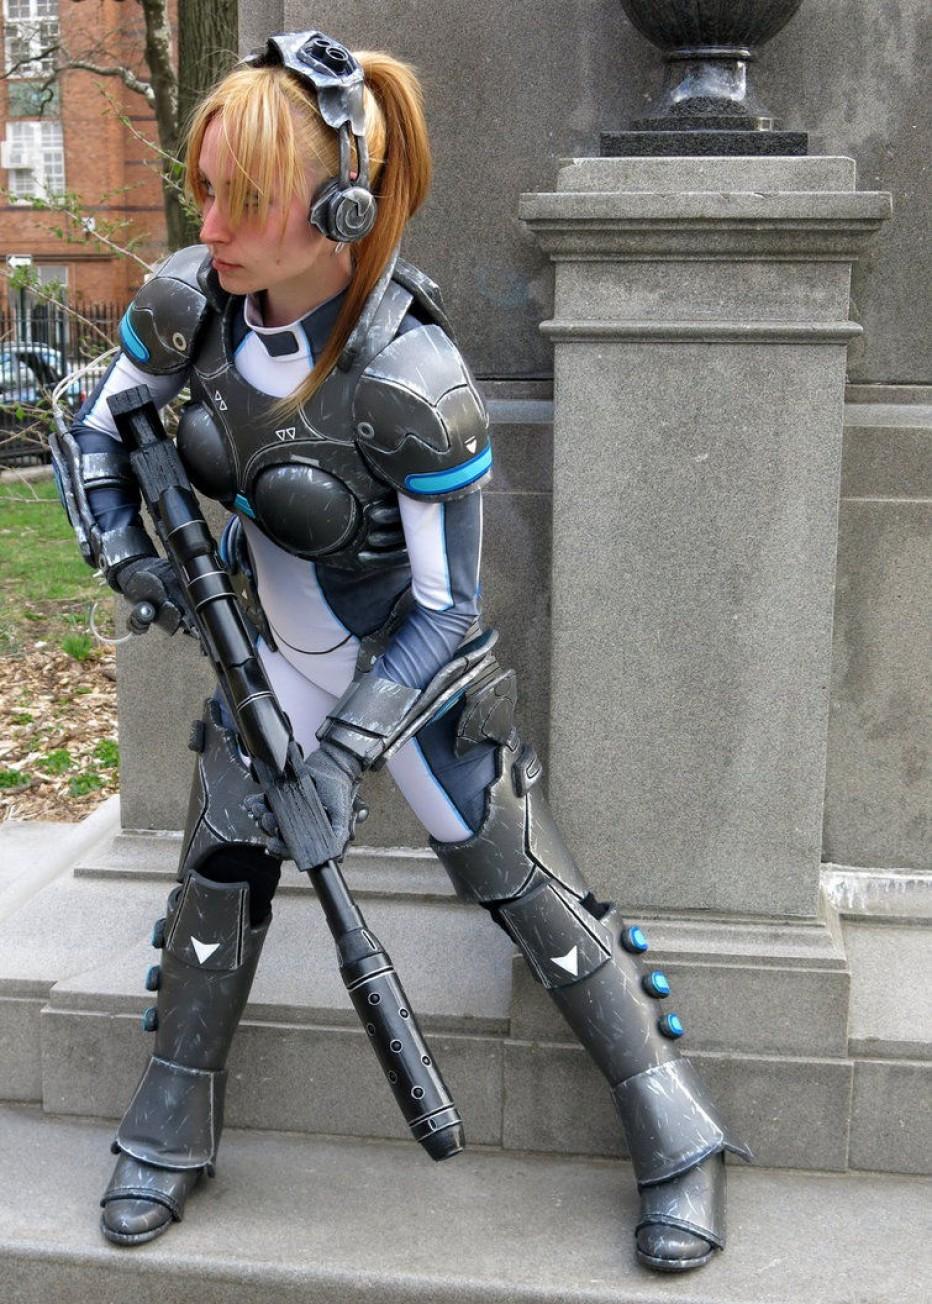 StarCraft-Nova-Terra-Cosplay-Gamers-Heroes-6.jpg